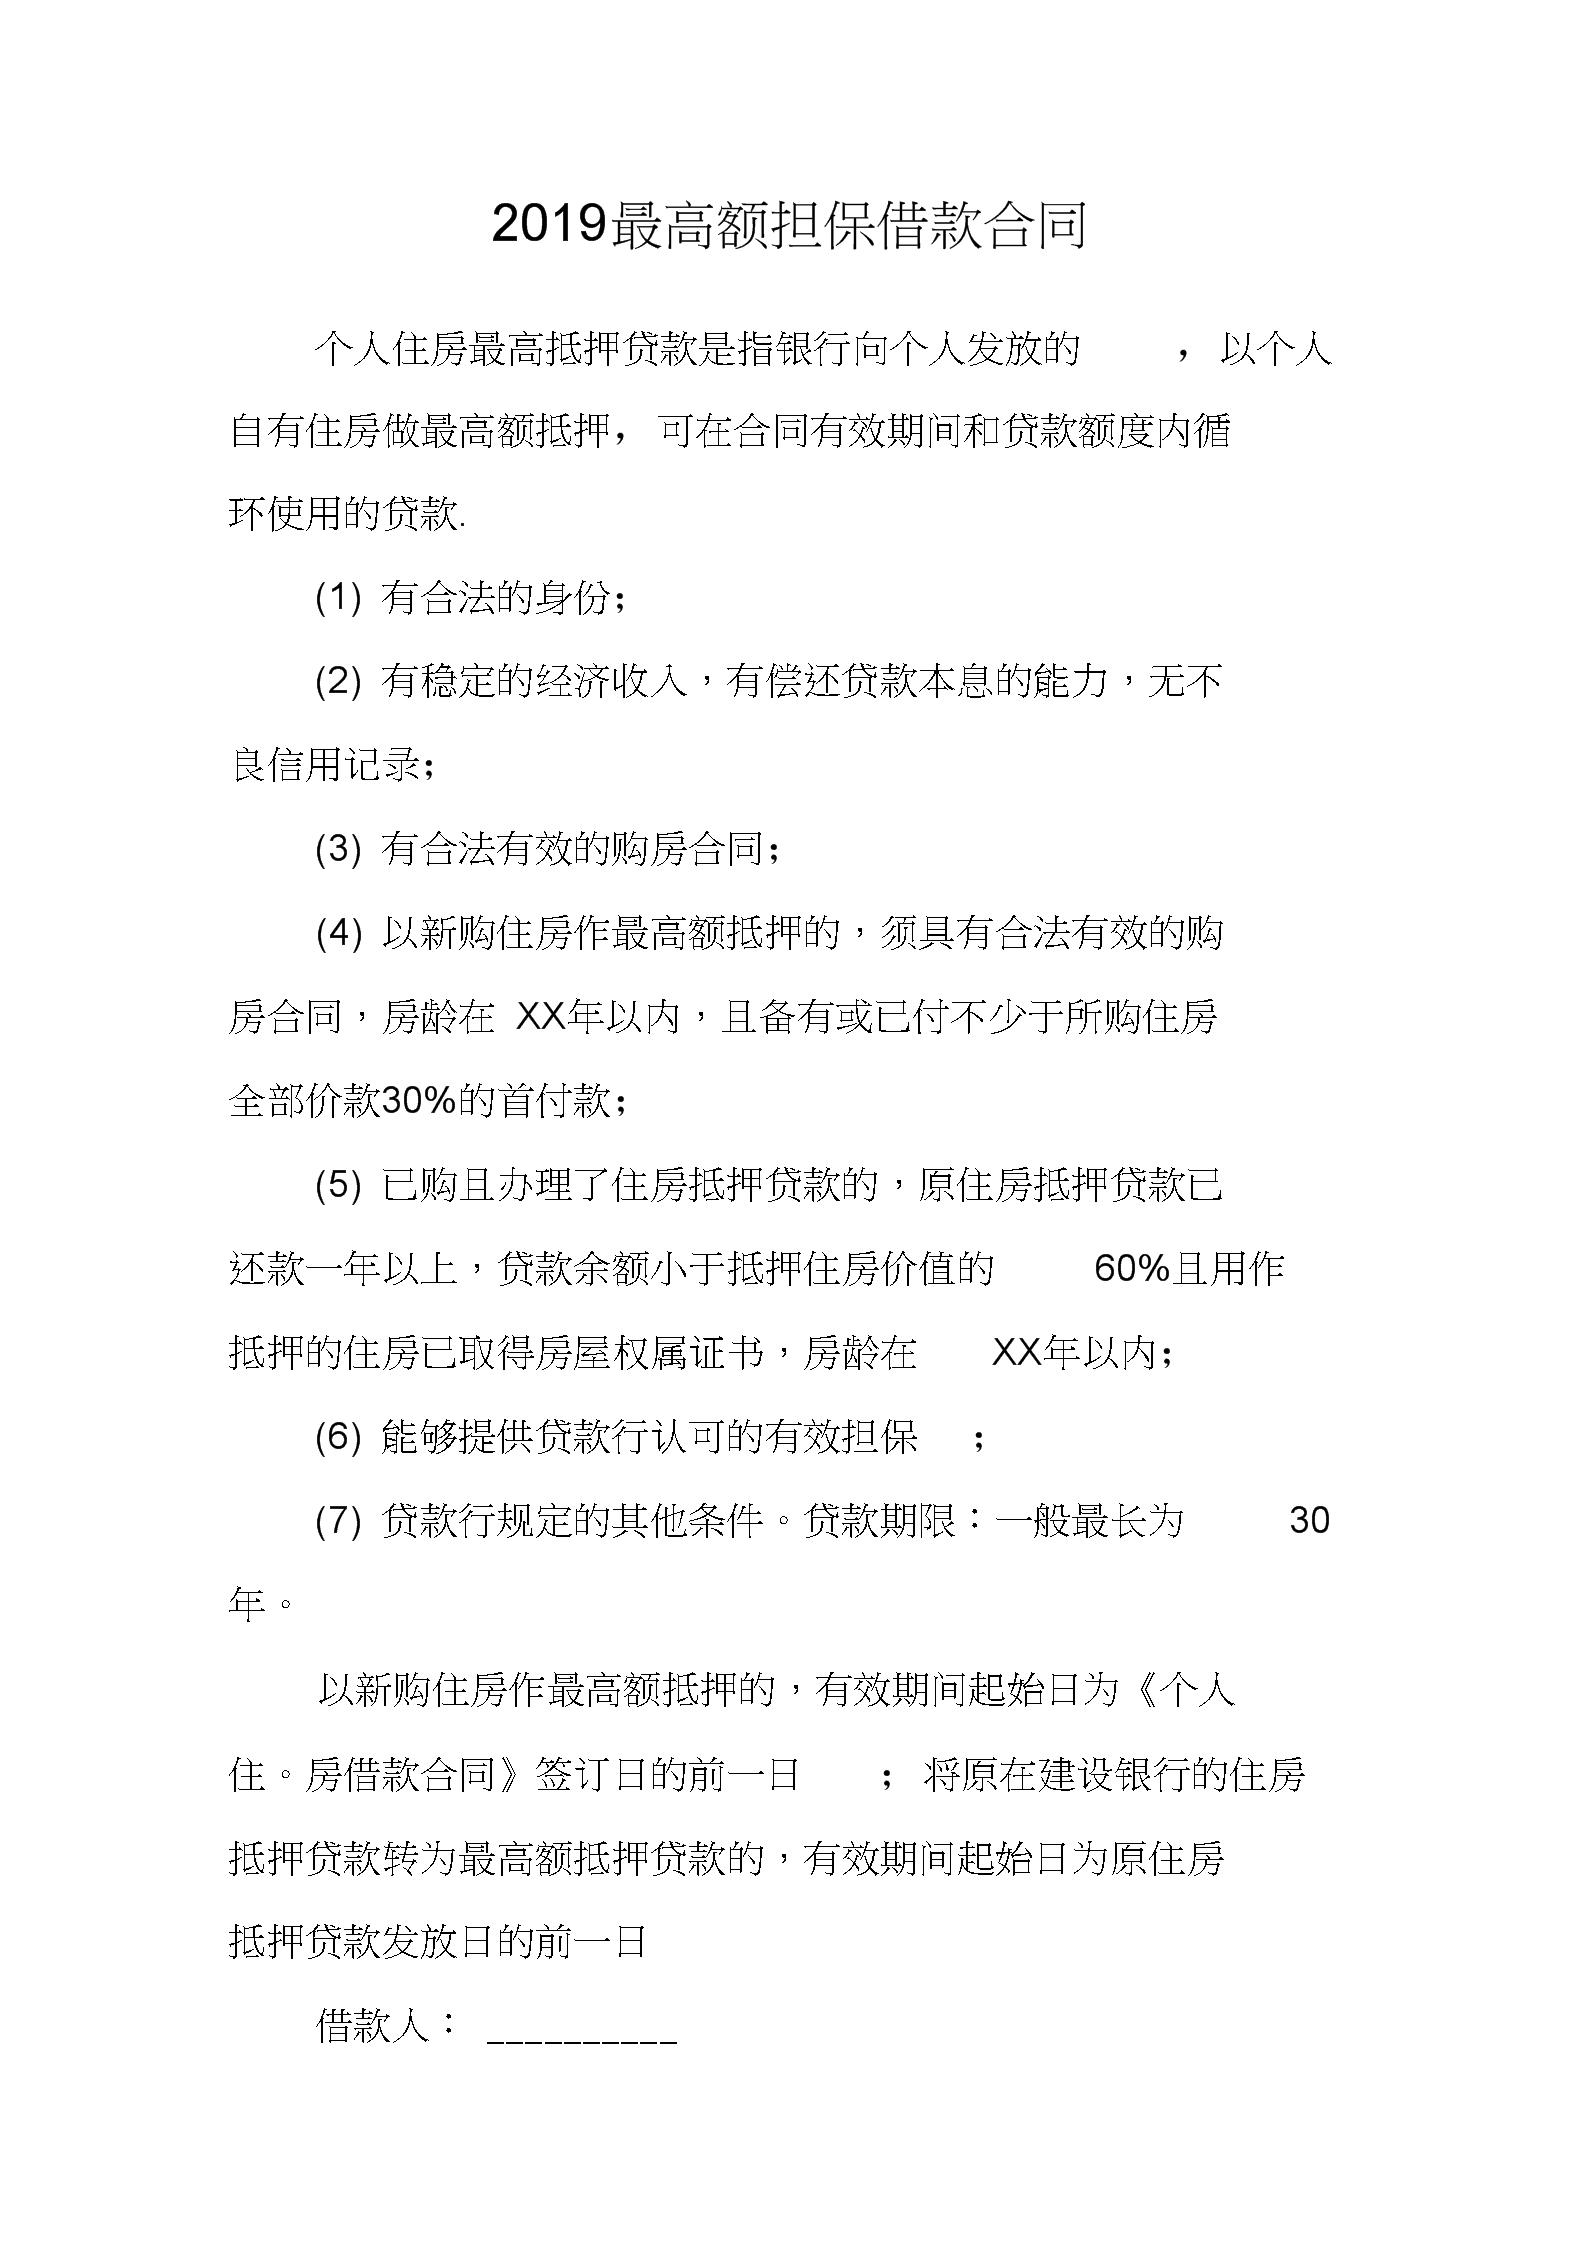 2019最高额担保借款合同.docx